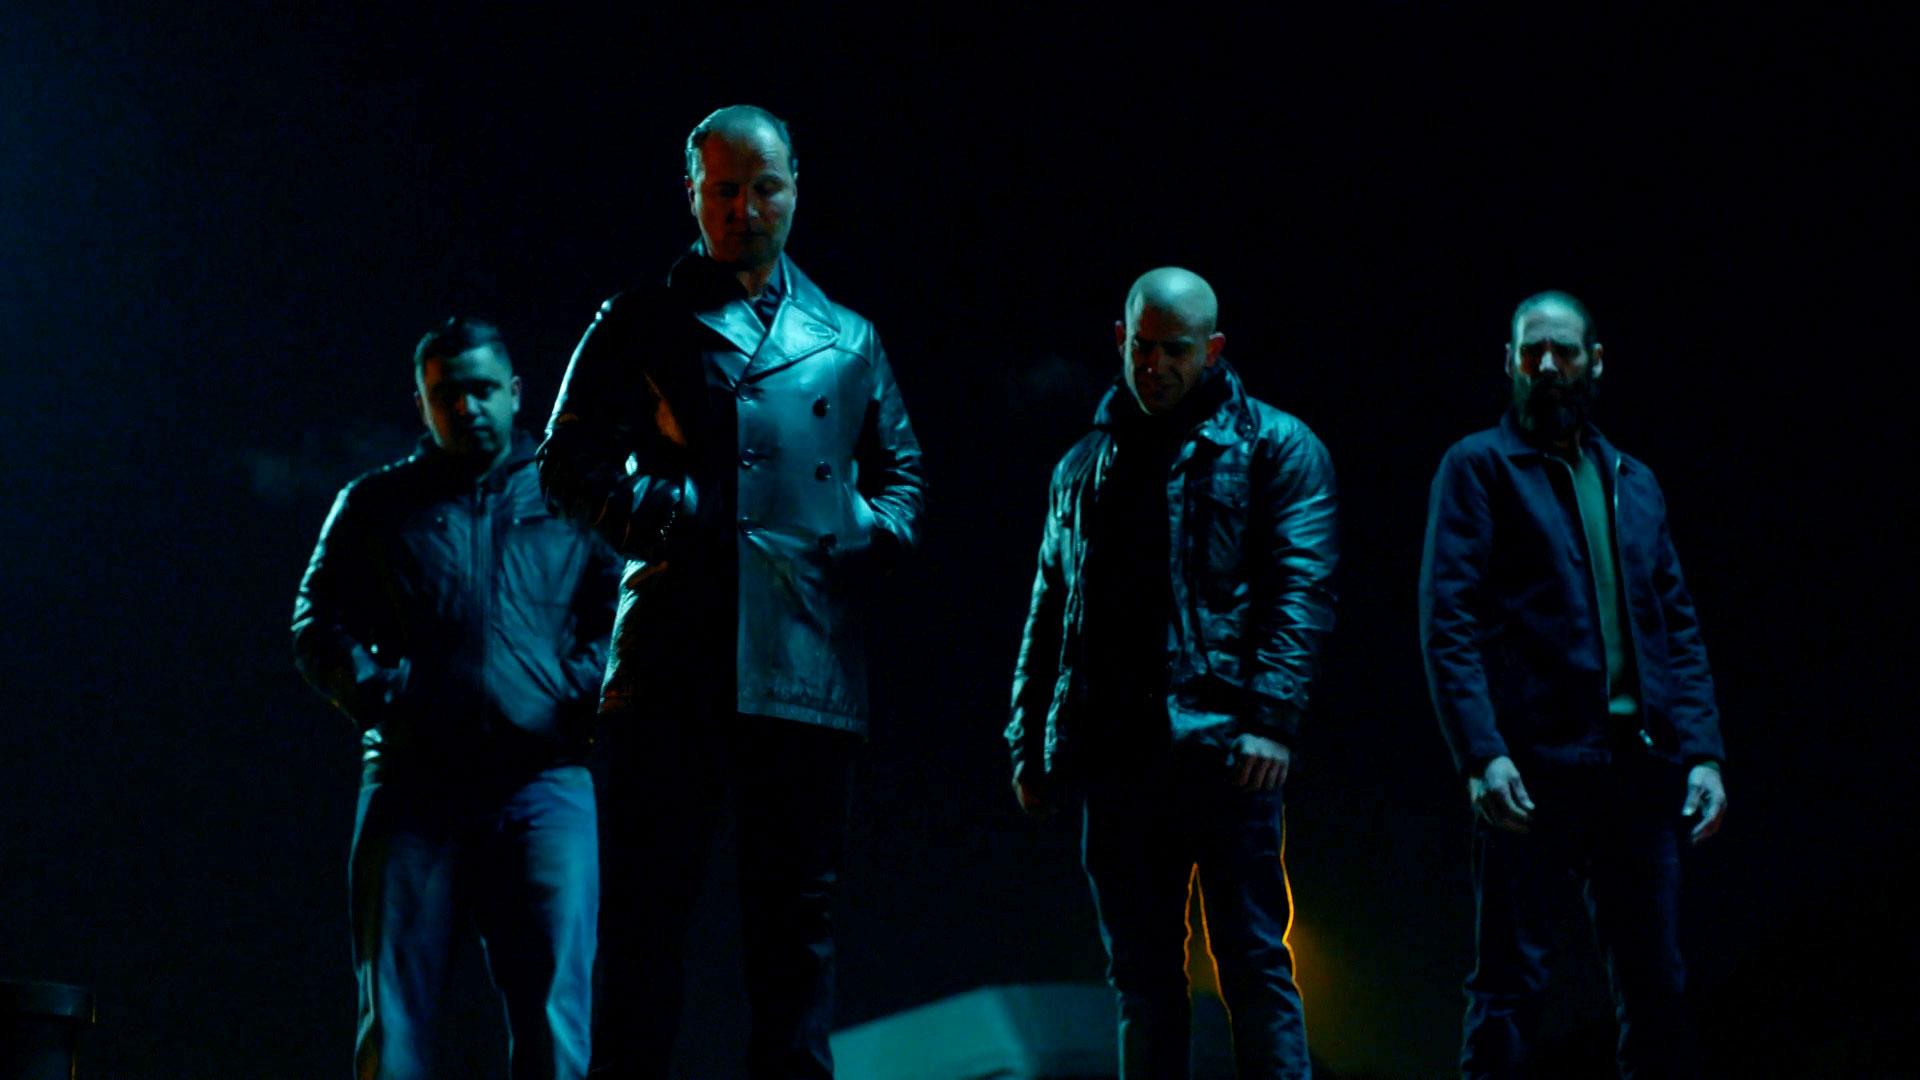 Afbeelding van Backstage bij een stuntscene